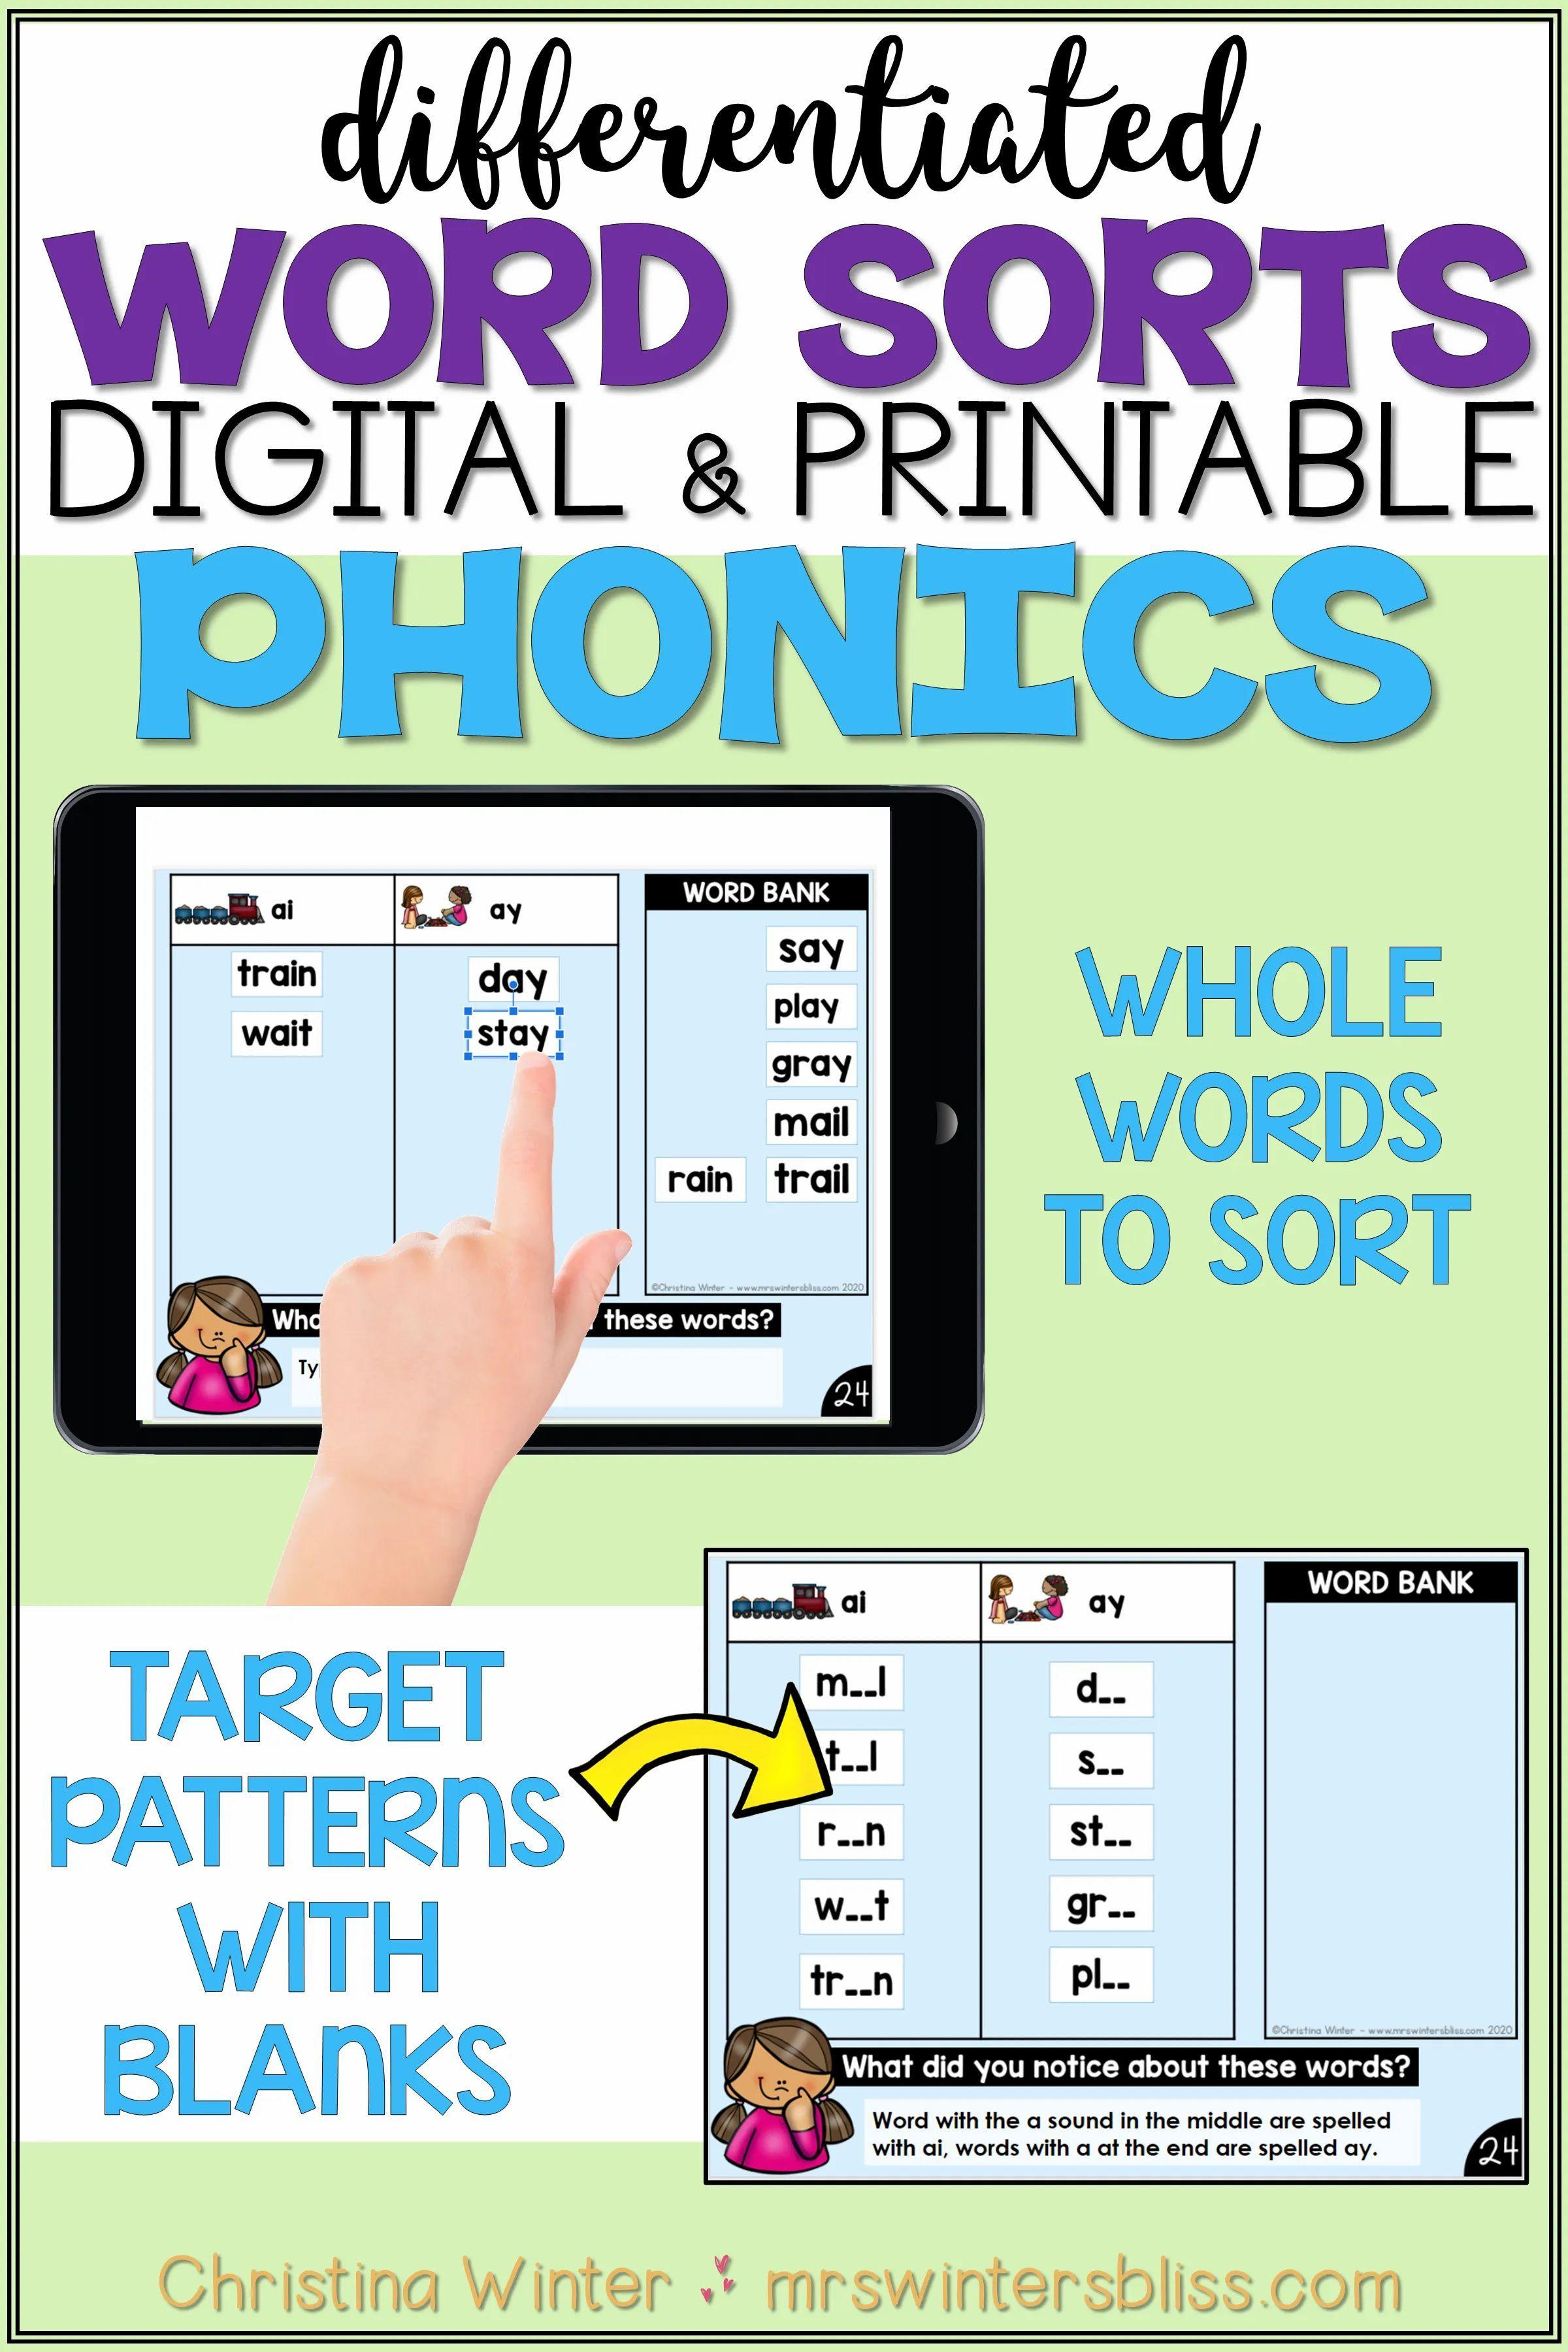 Word Sort Phonics Activities In